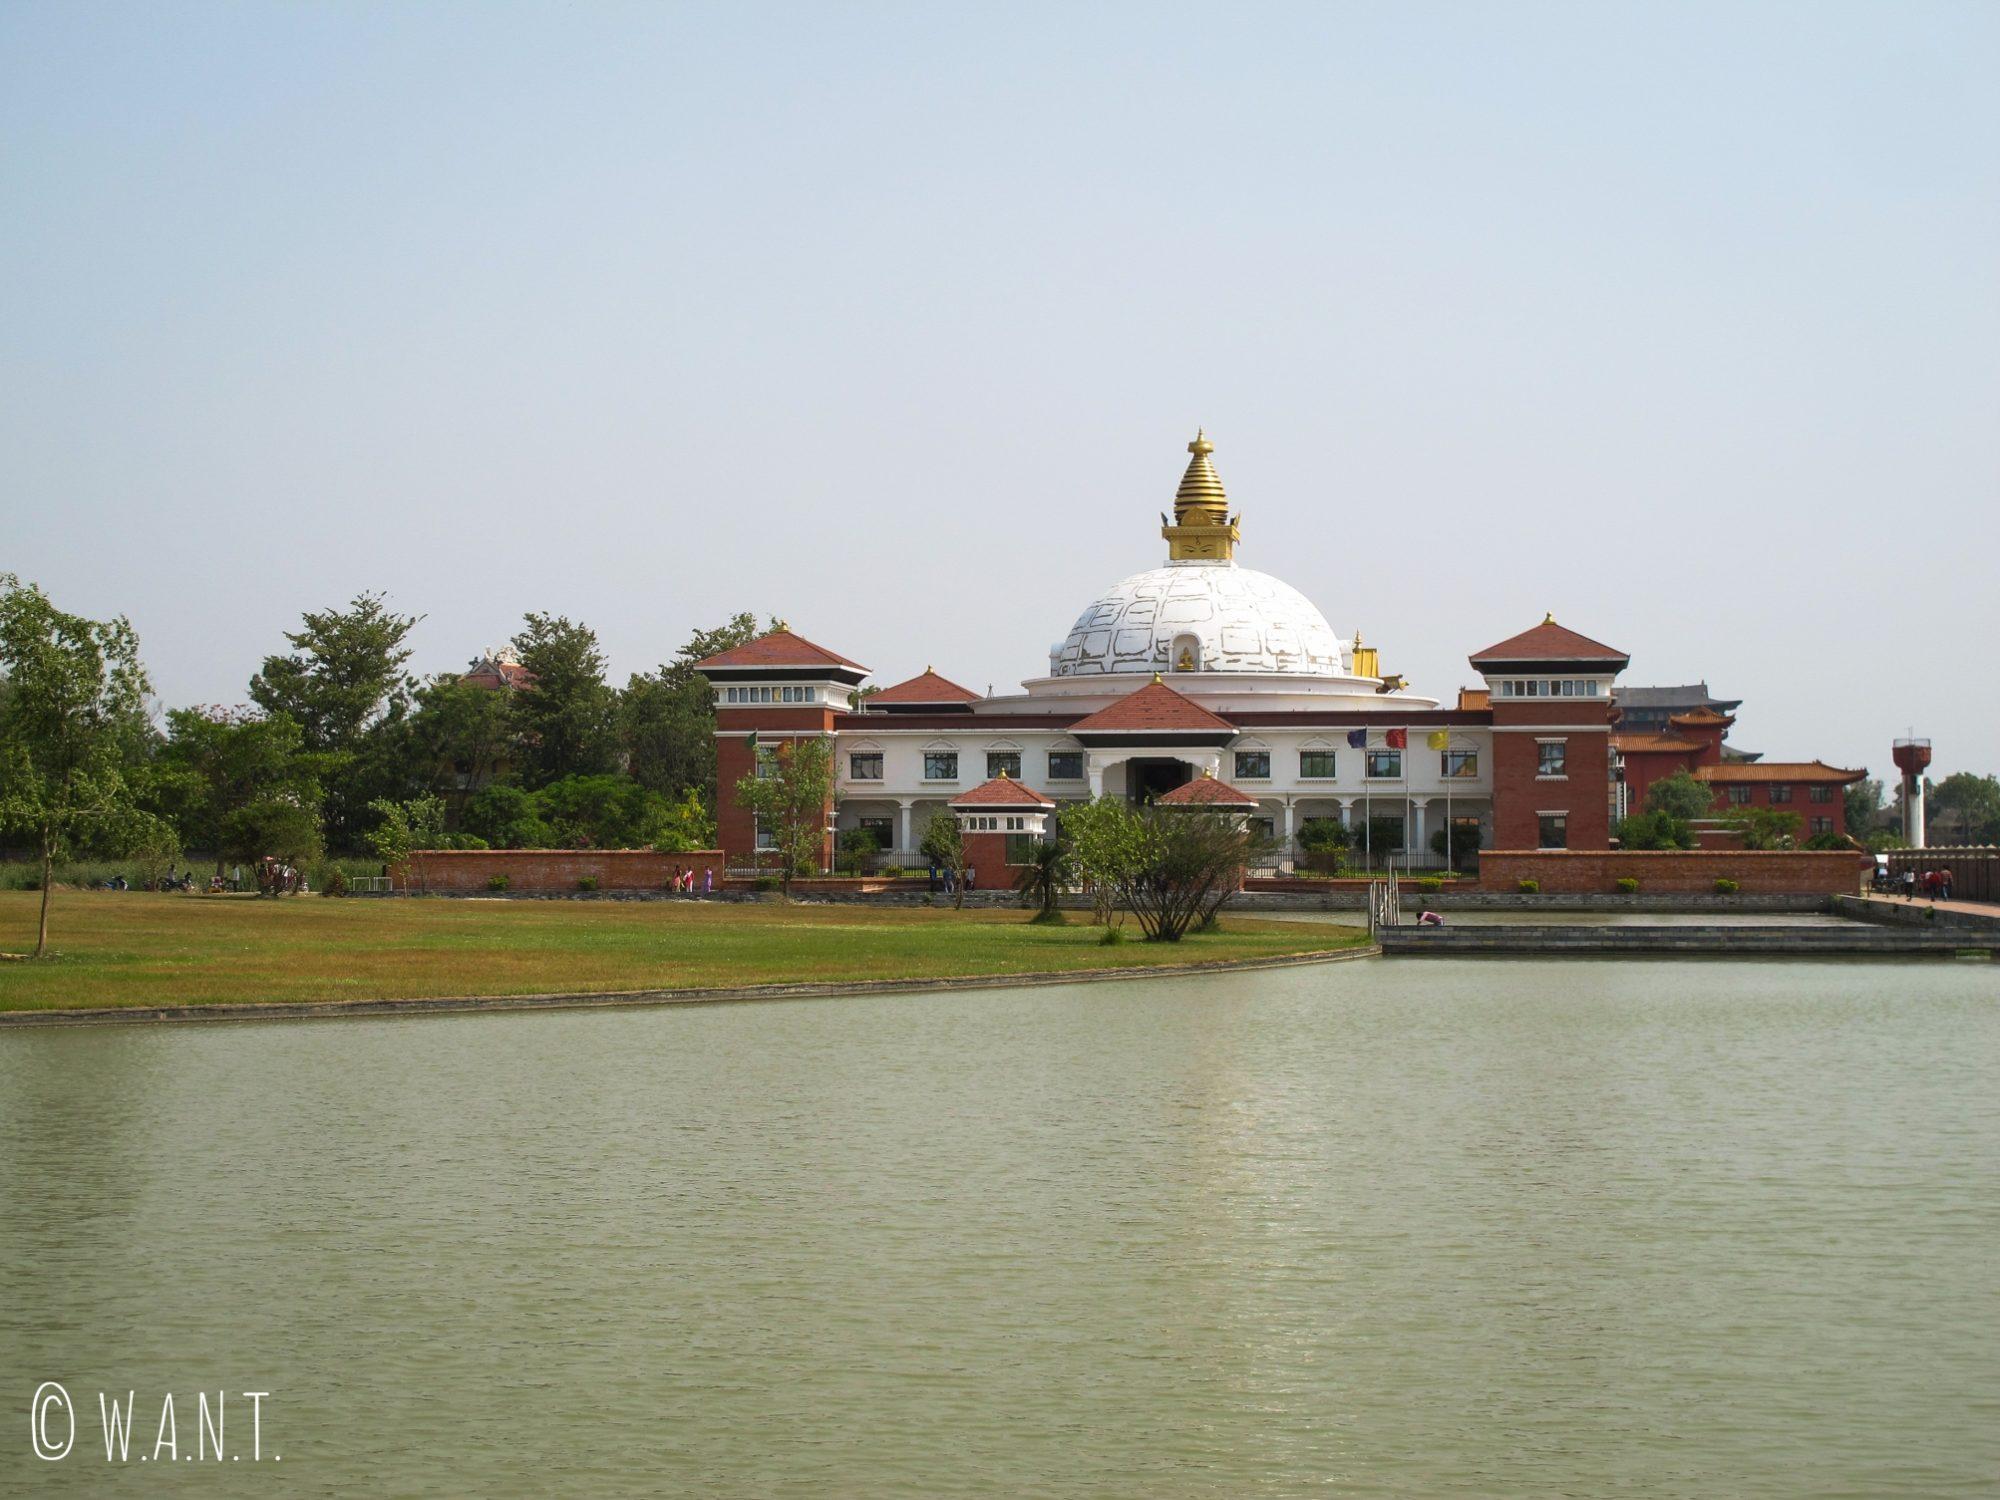 Vue sur le World Center for Peace and Unity dans les jardins de Lumbini